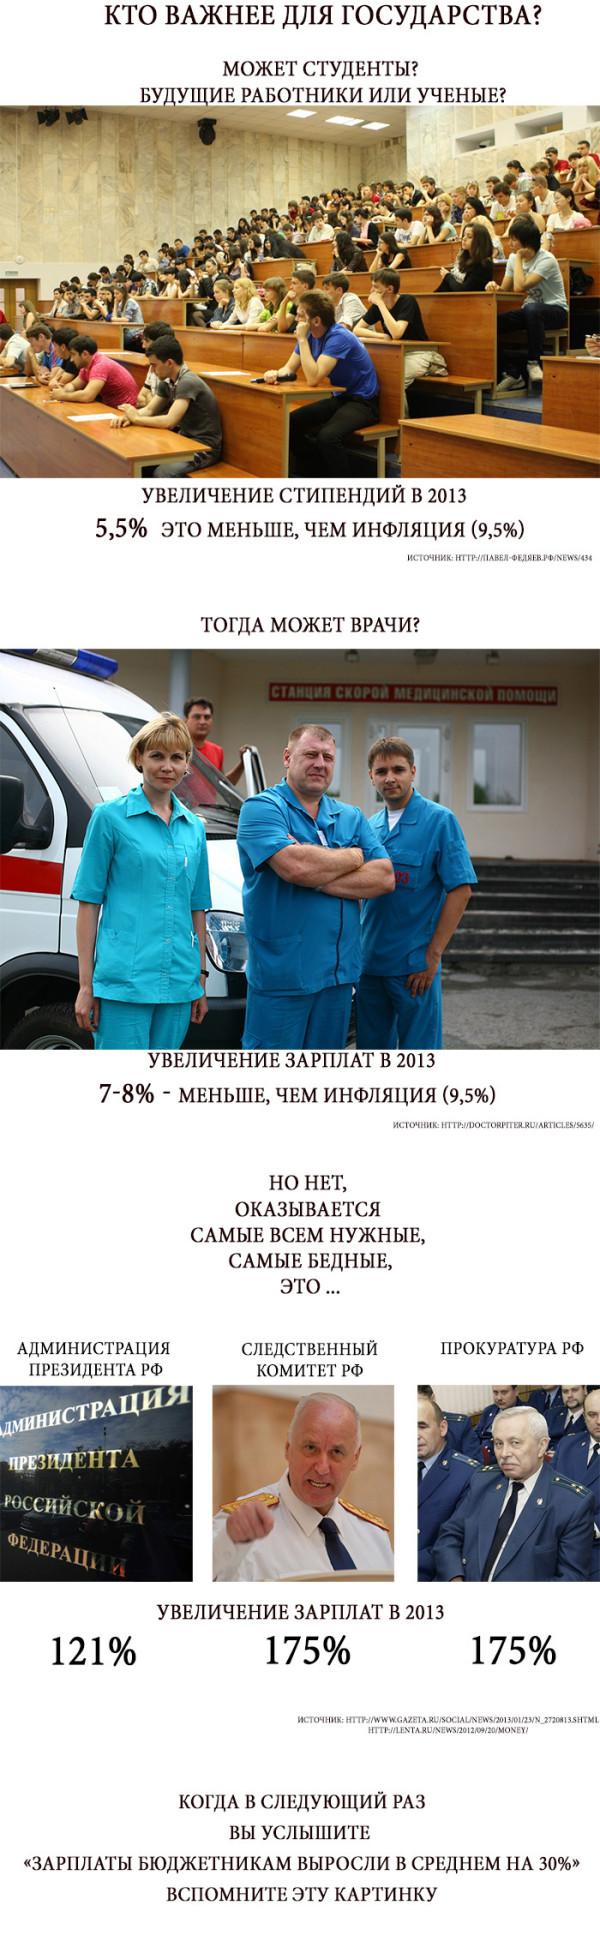 справочник номеров телефона сумы 1 городская больница ортопедия